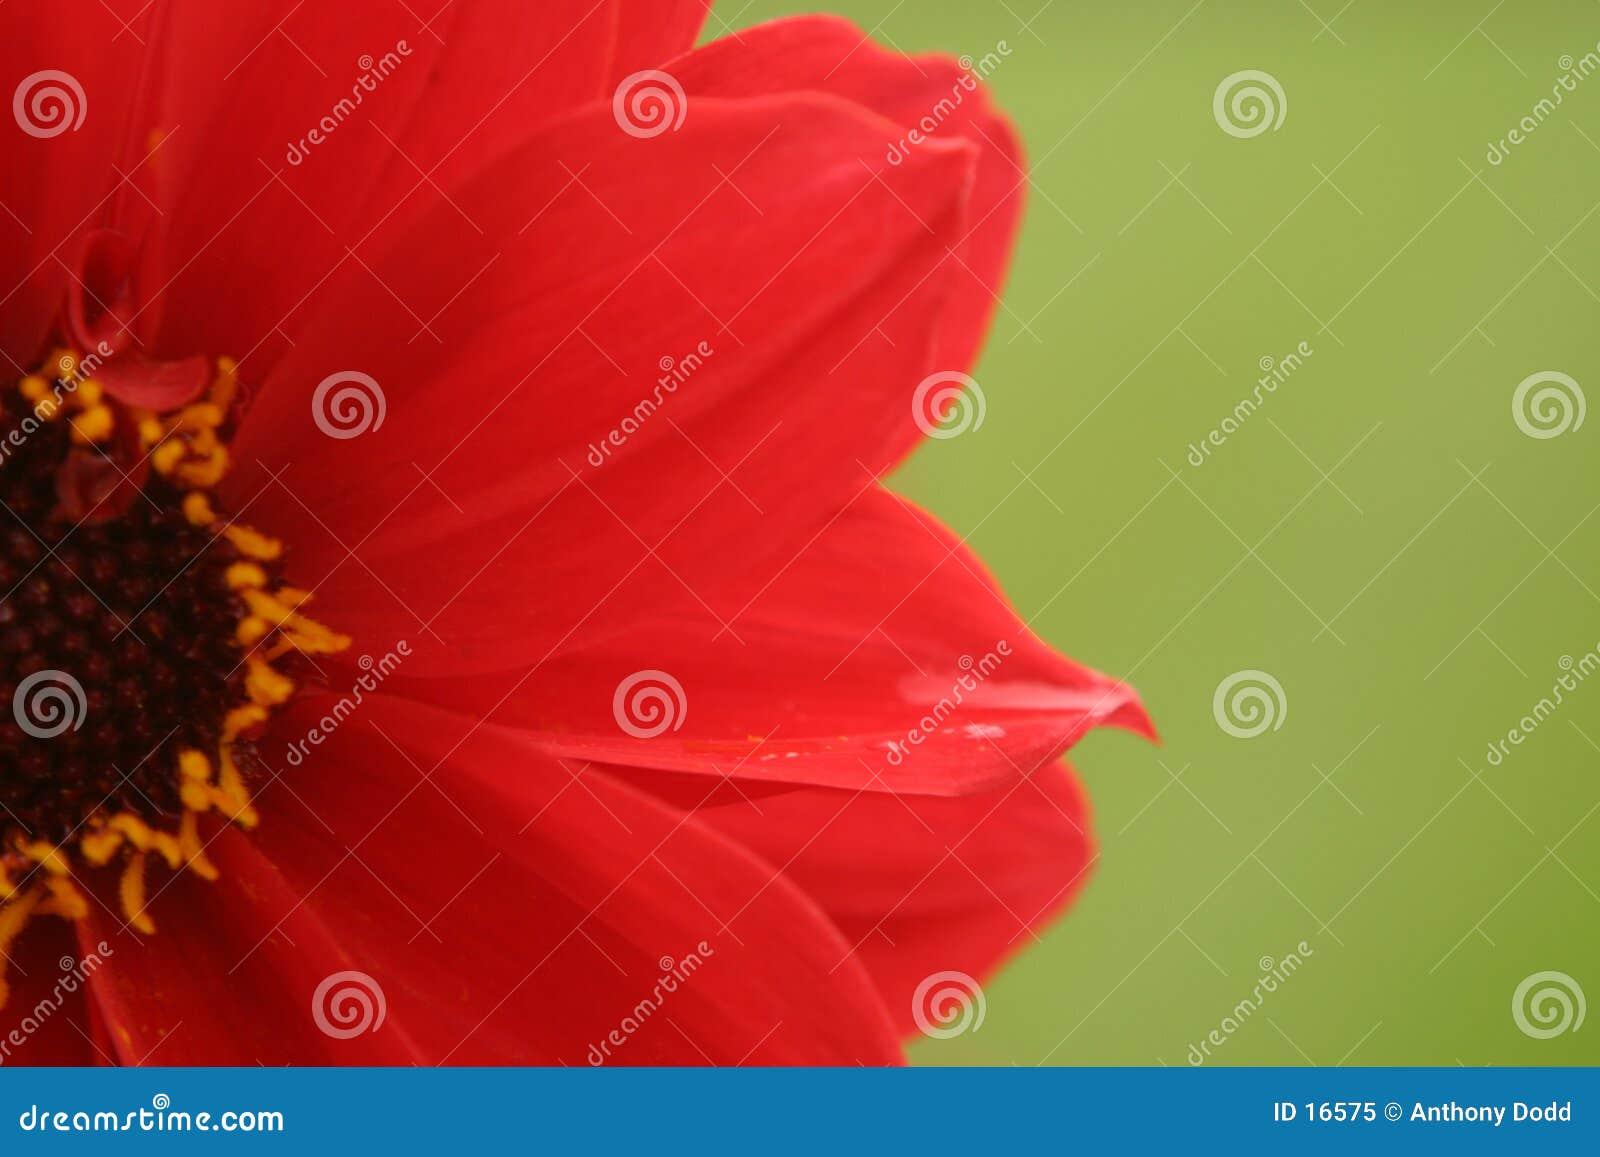 Rote Blume, grüner Hintergrund